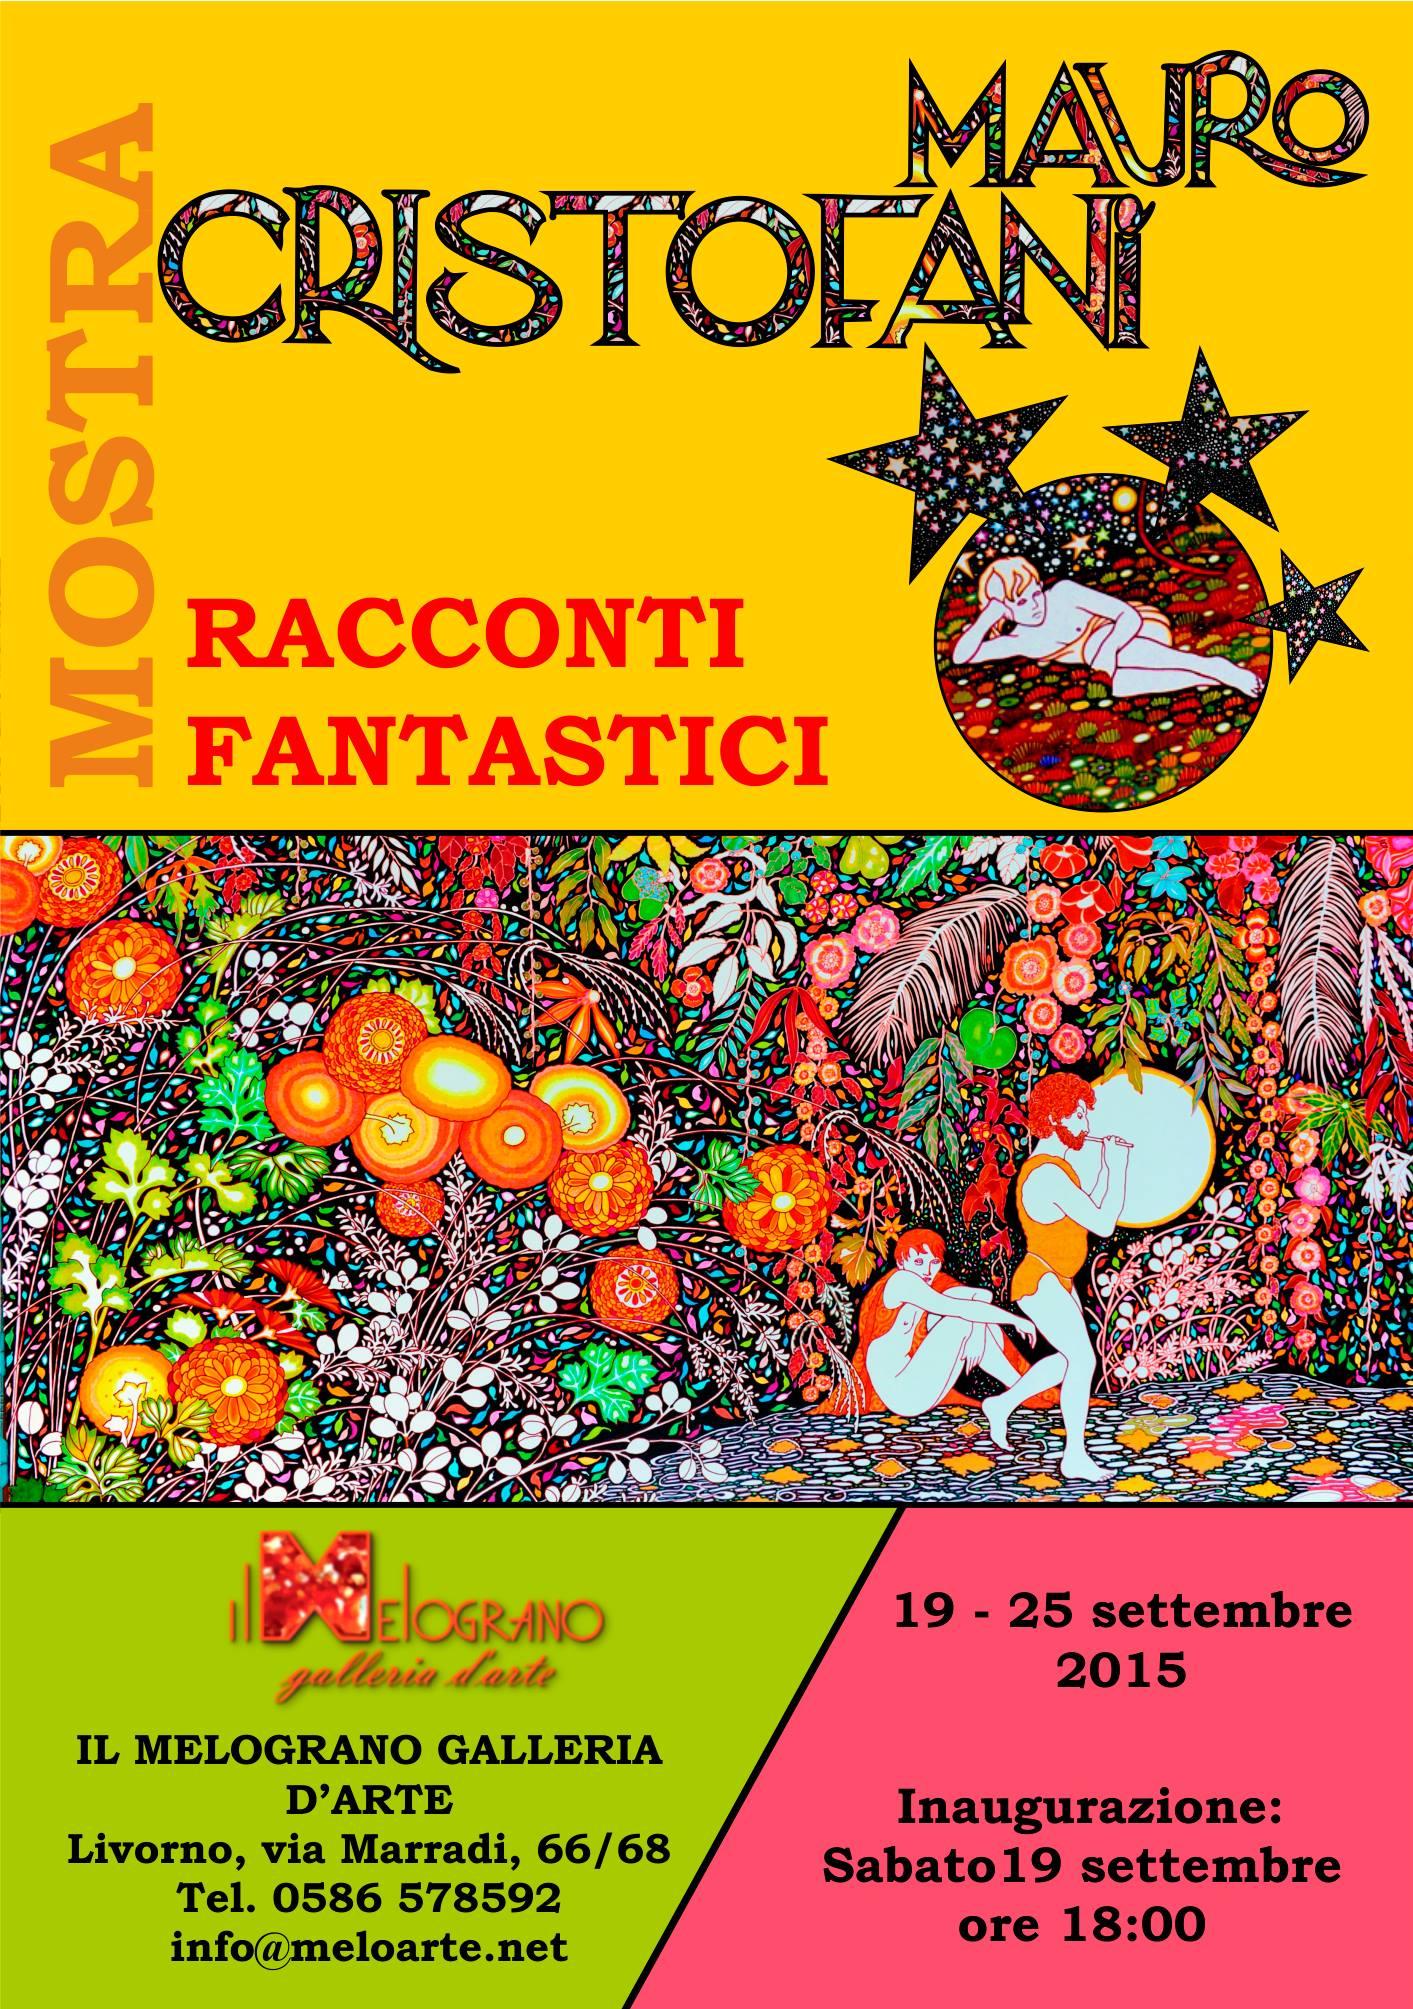 Mauro Cristofani Racconti fantastici Il Melograno Art gallery